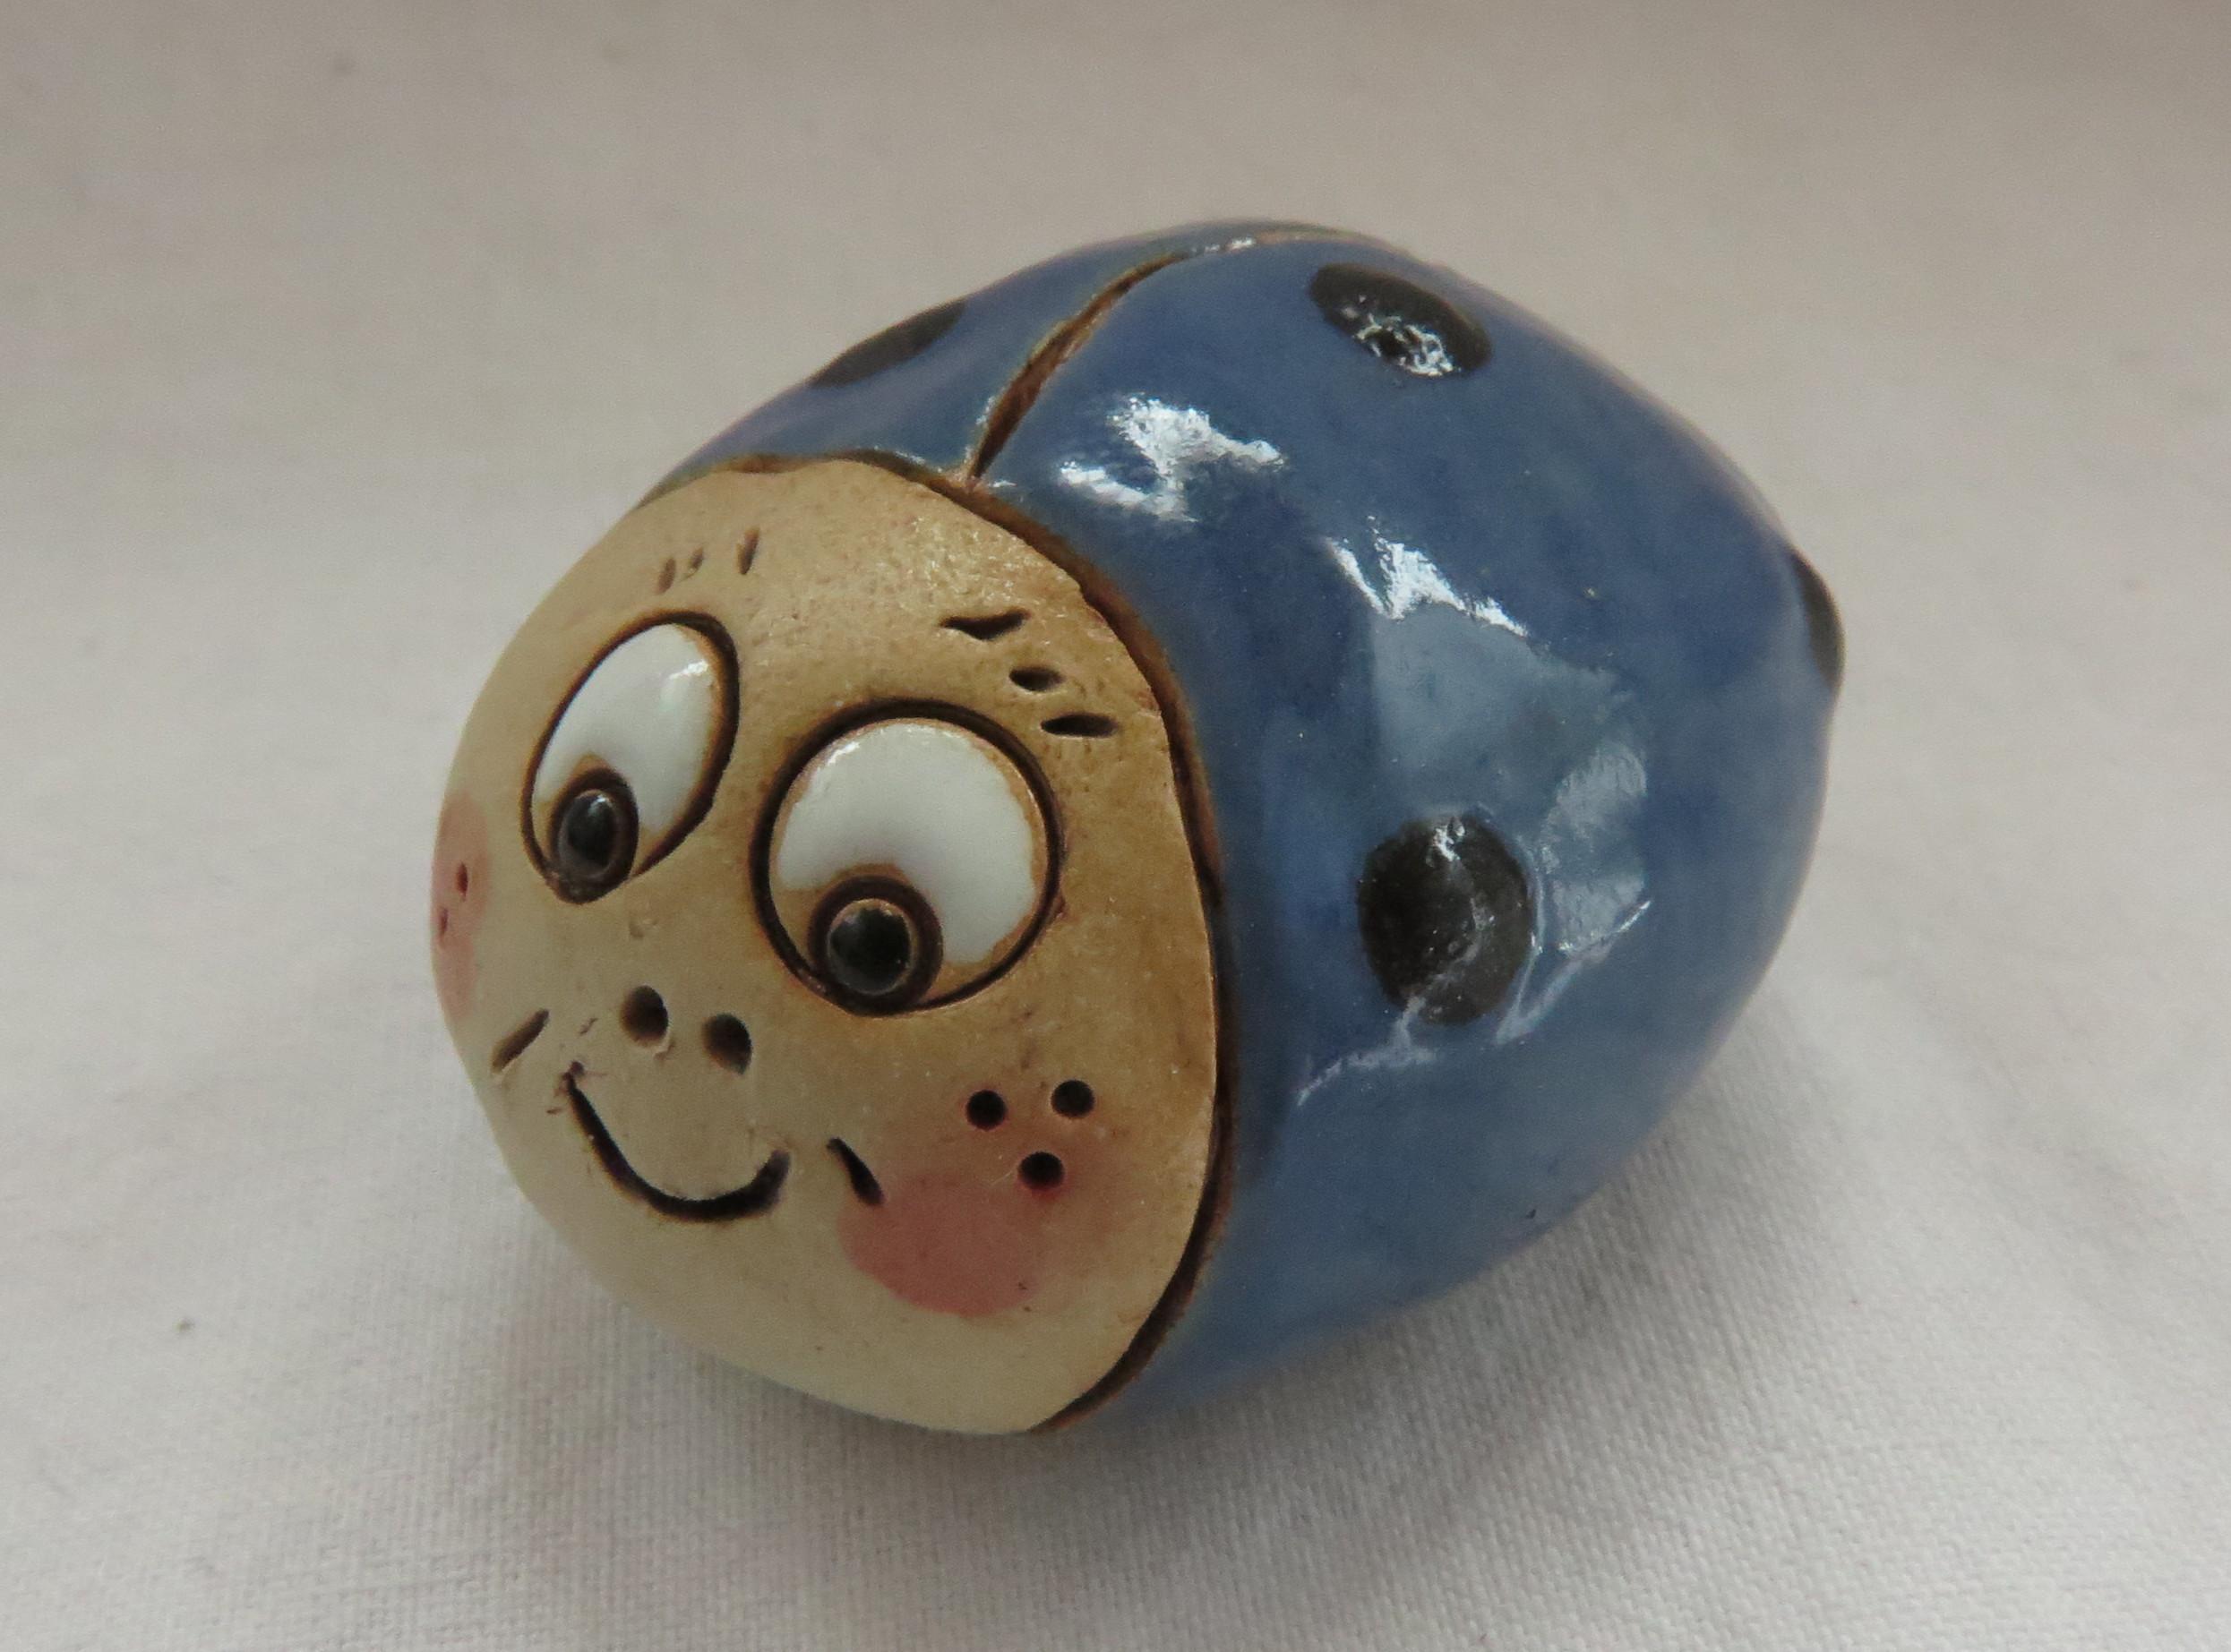 Glückskäfer Summsemann denim blau/ M 4,5cm